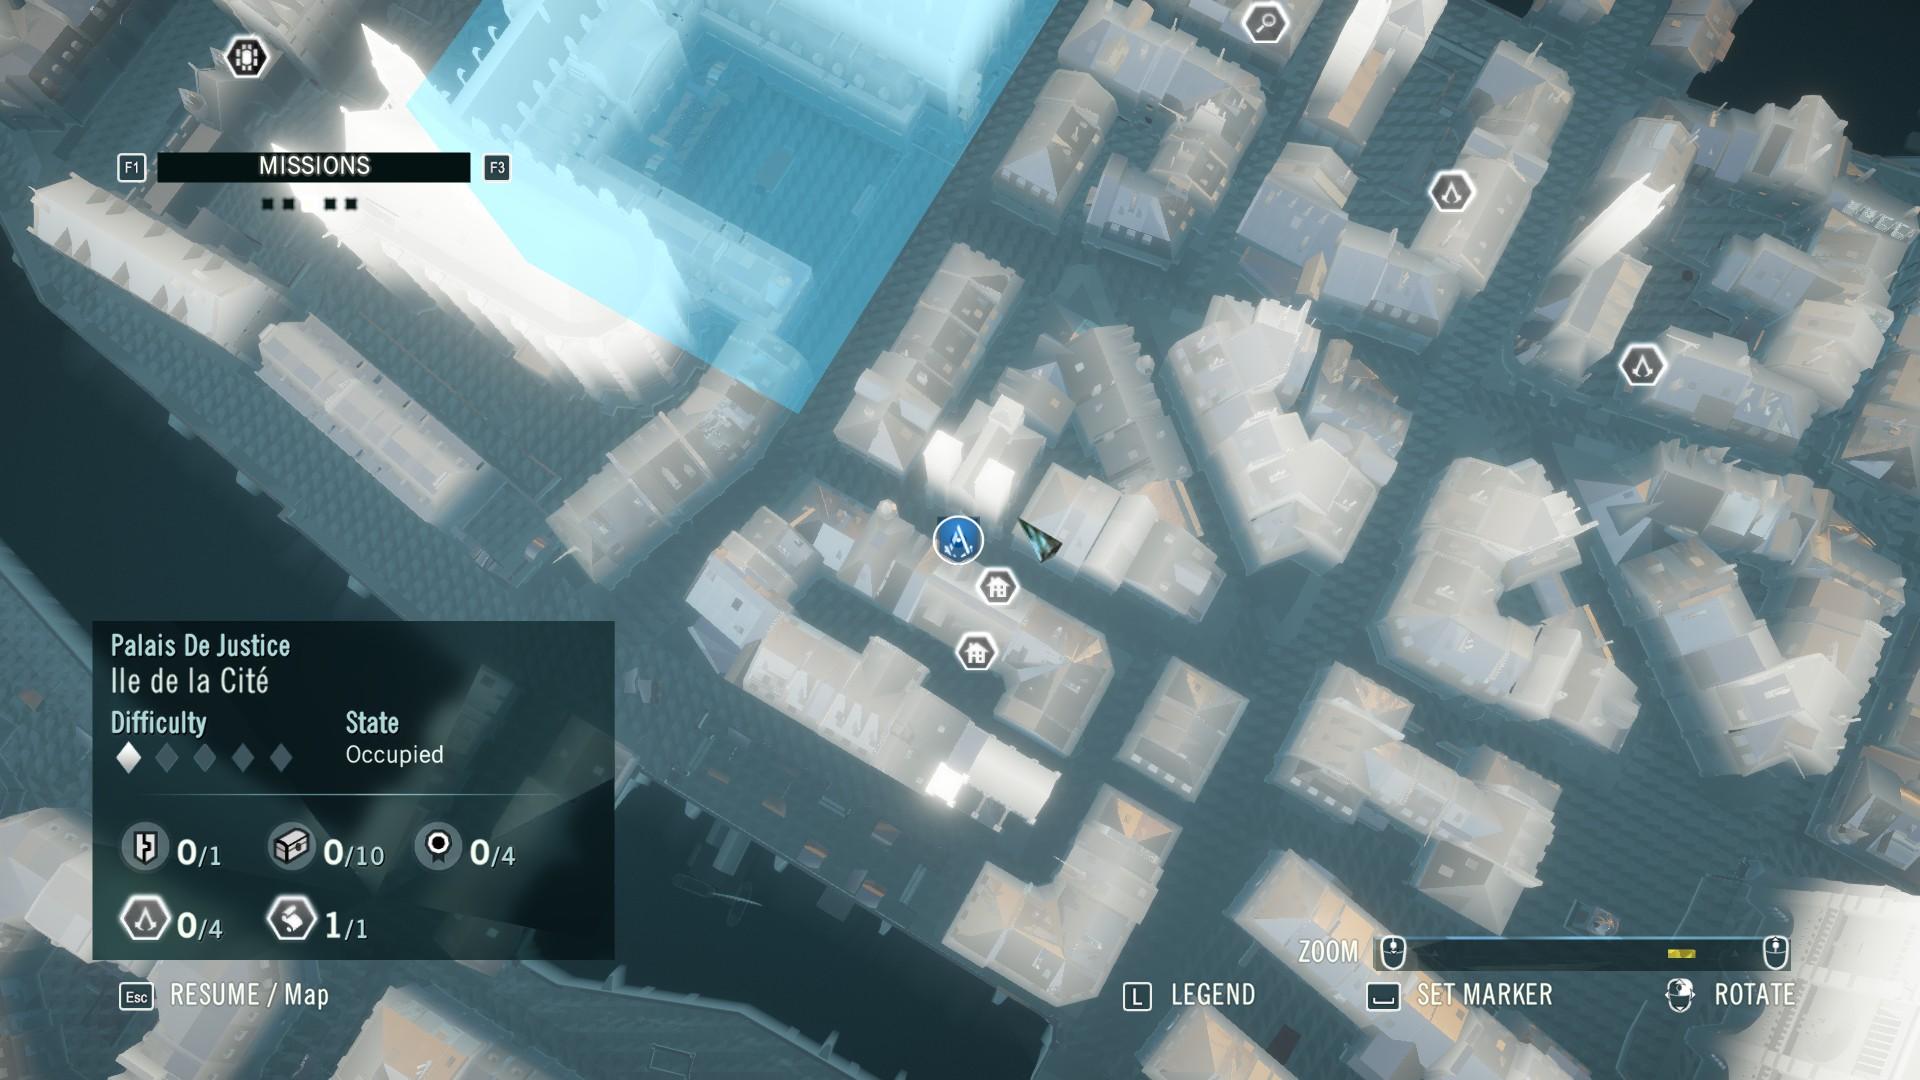 Mars-Nostradamus-Enigma-second-riddle-map-location